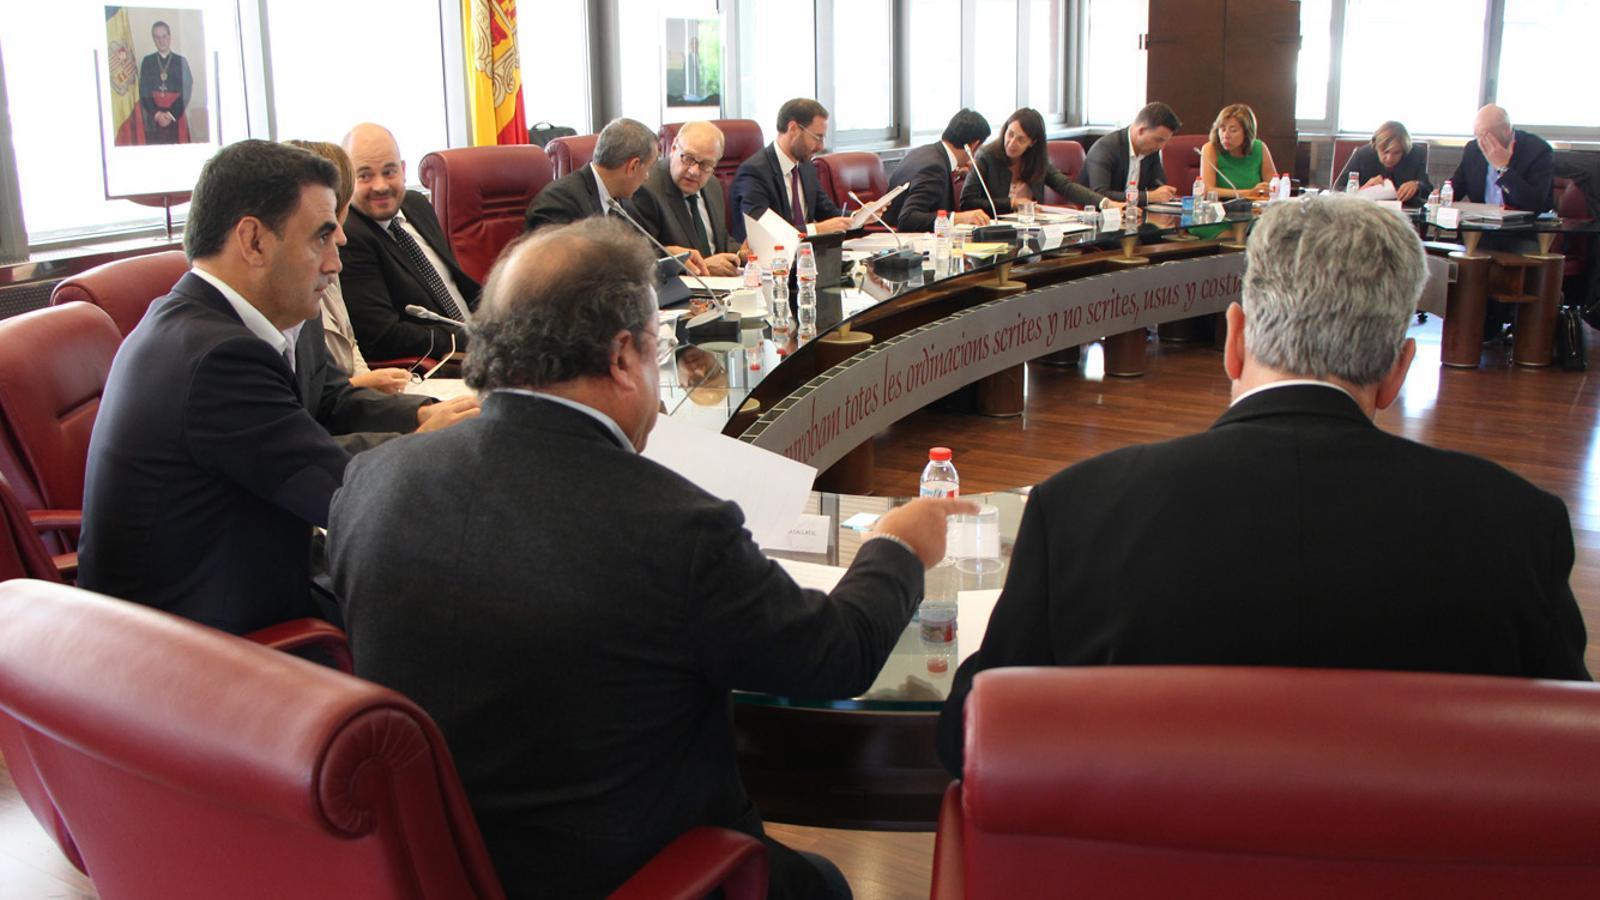 Imatge d'arxiu d'una reunió de cònsols a Canillo. / Arxiu ANA